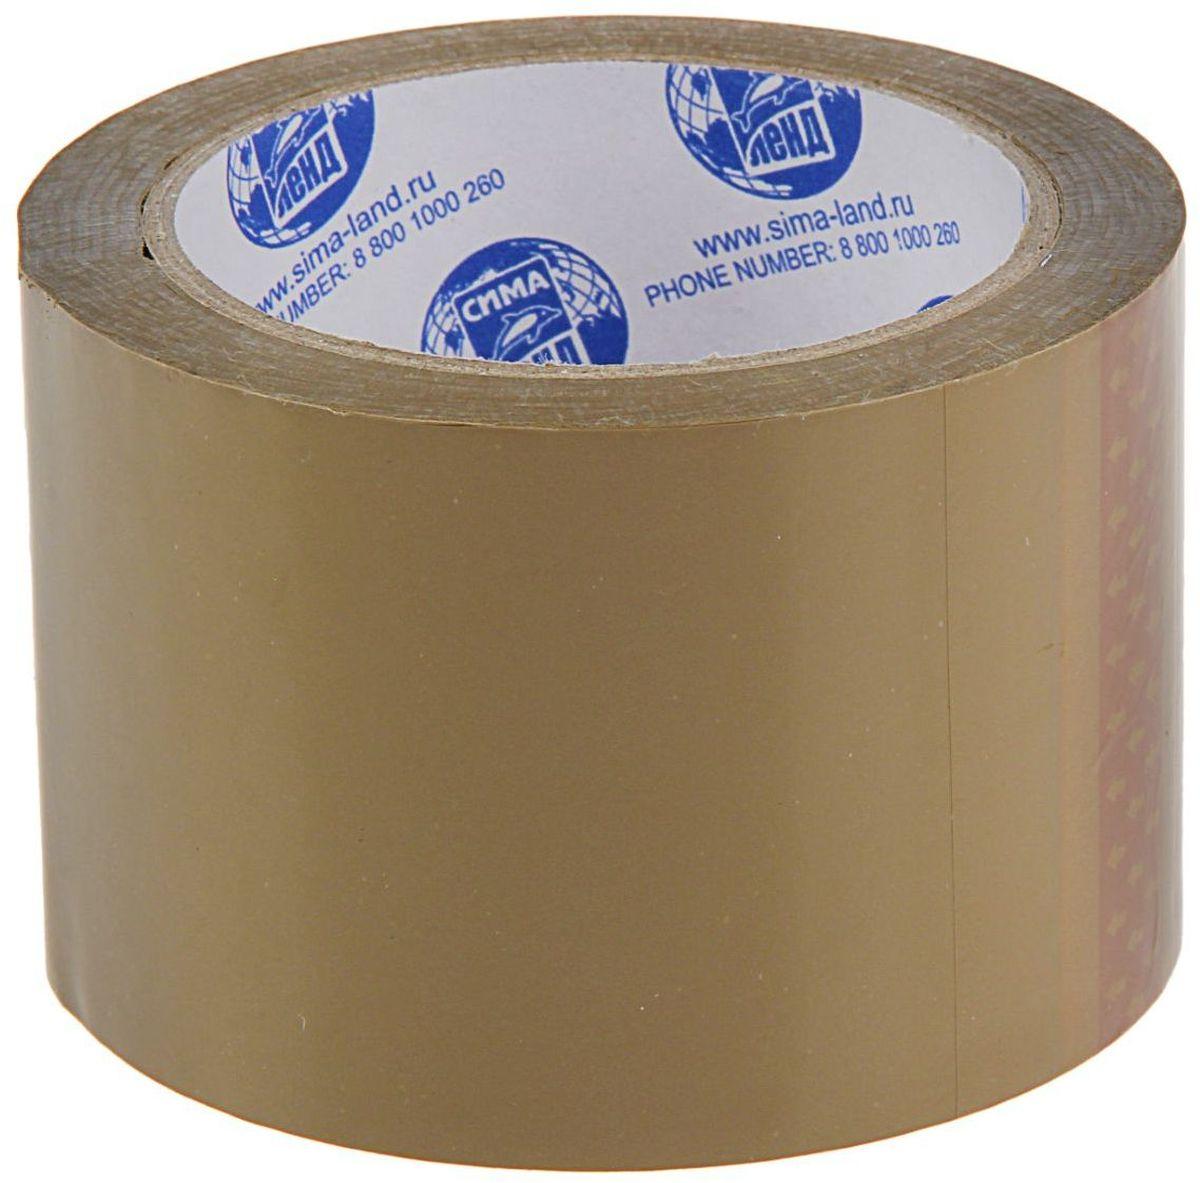 Клейкая лента 72 мм х 66 м цвет коричневый 1268214 мой выбор клейкая лента 48 мм х 66 м цвет прозрачный